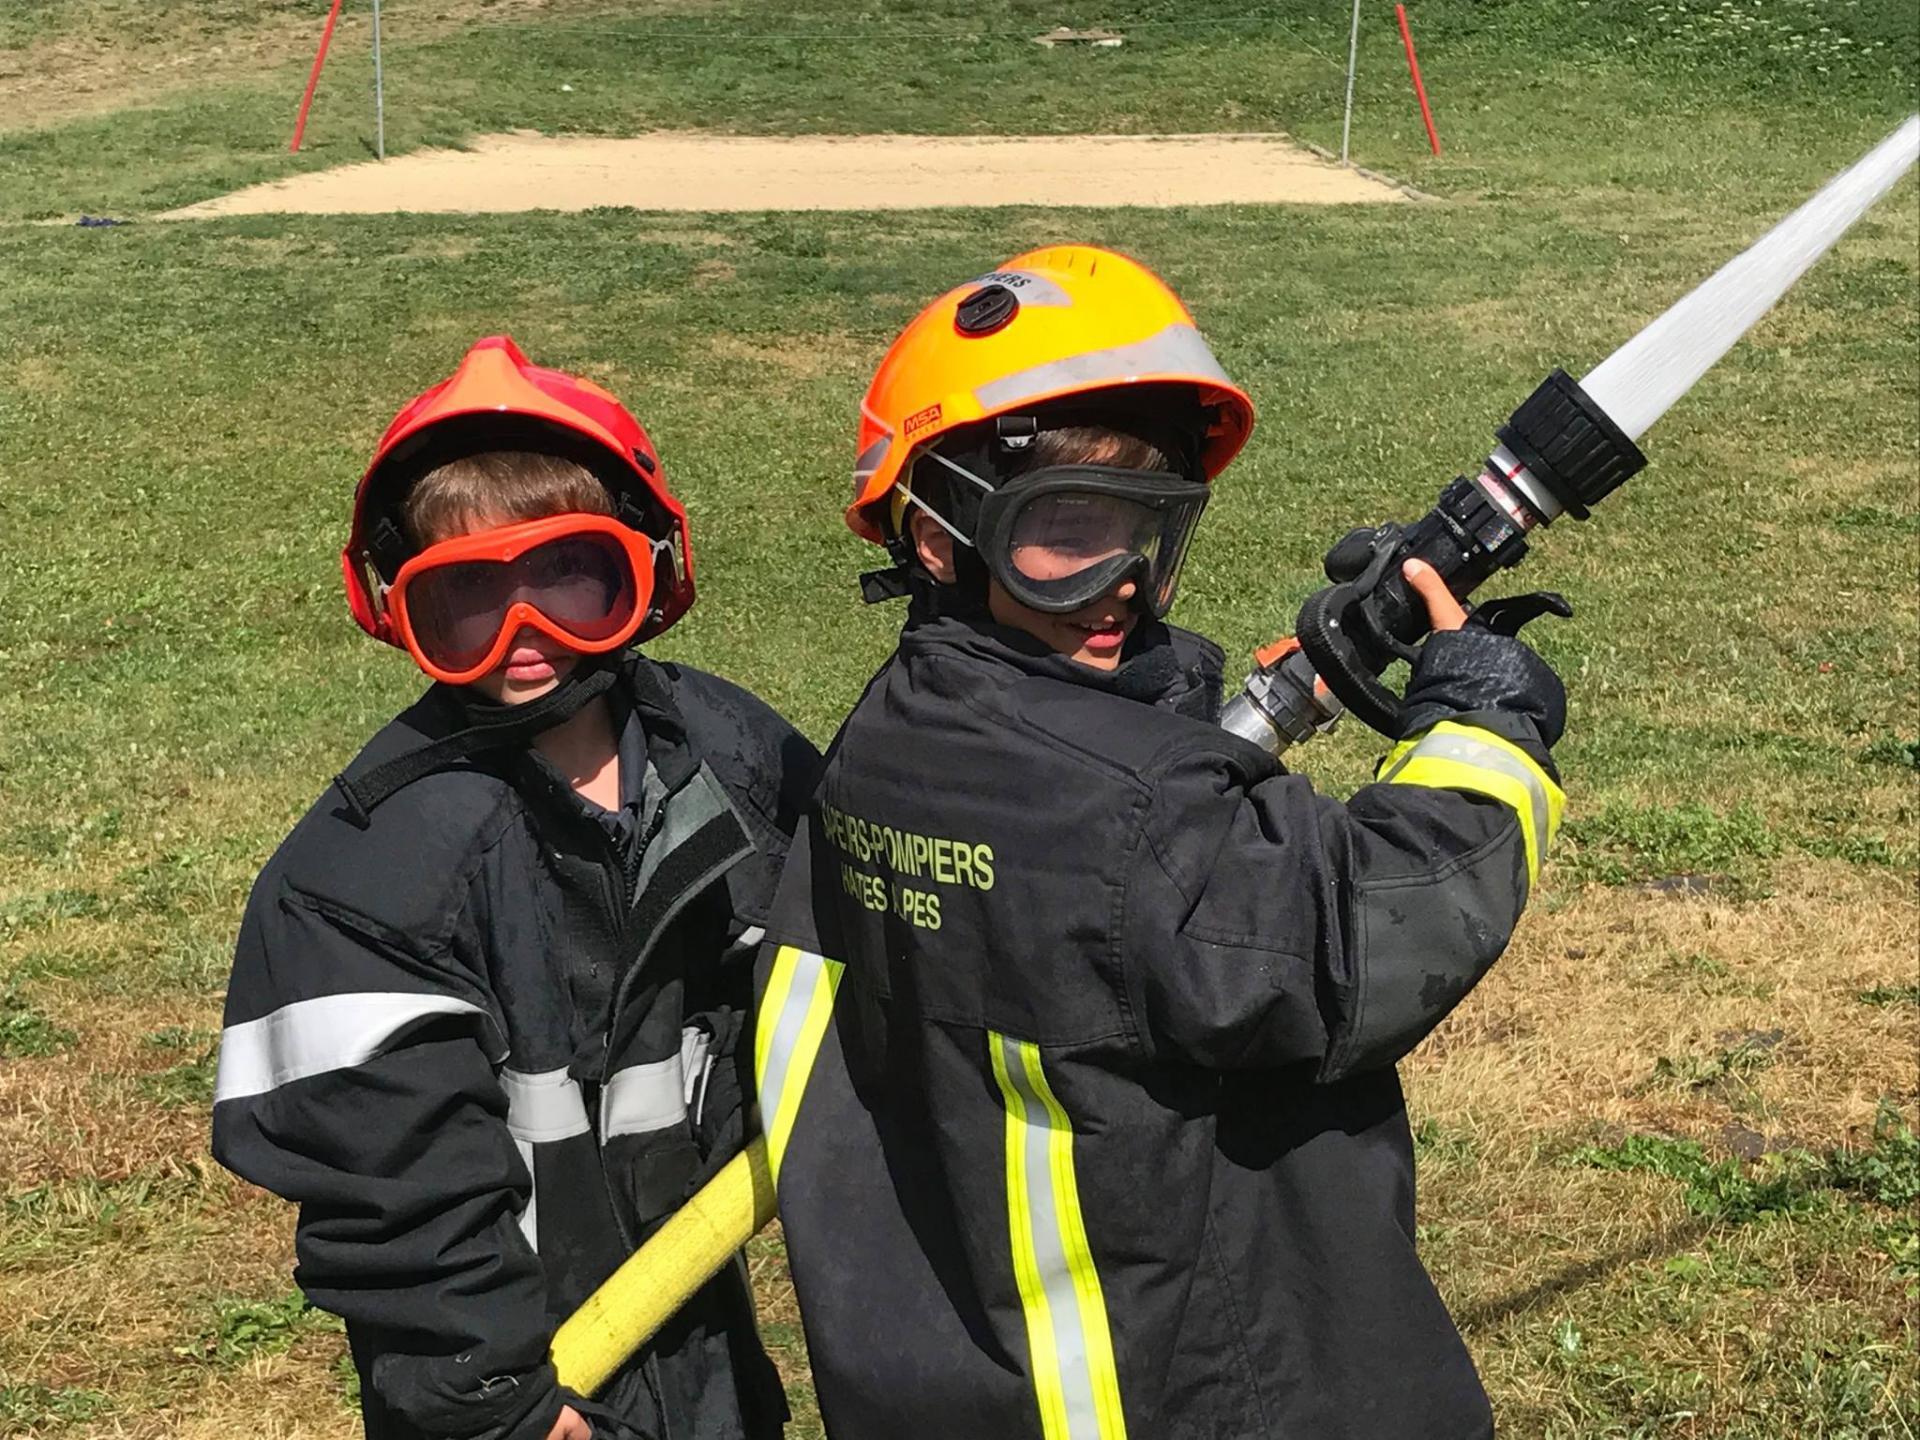 St leger graine de pompiers